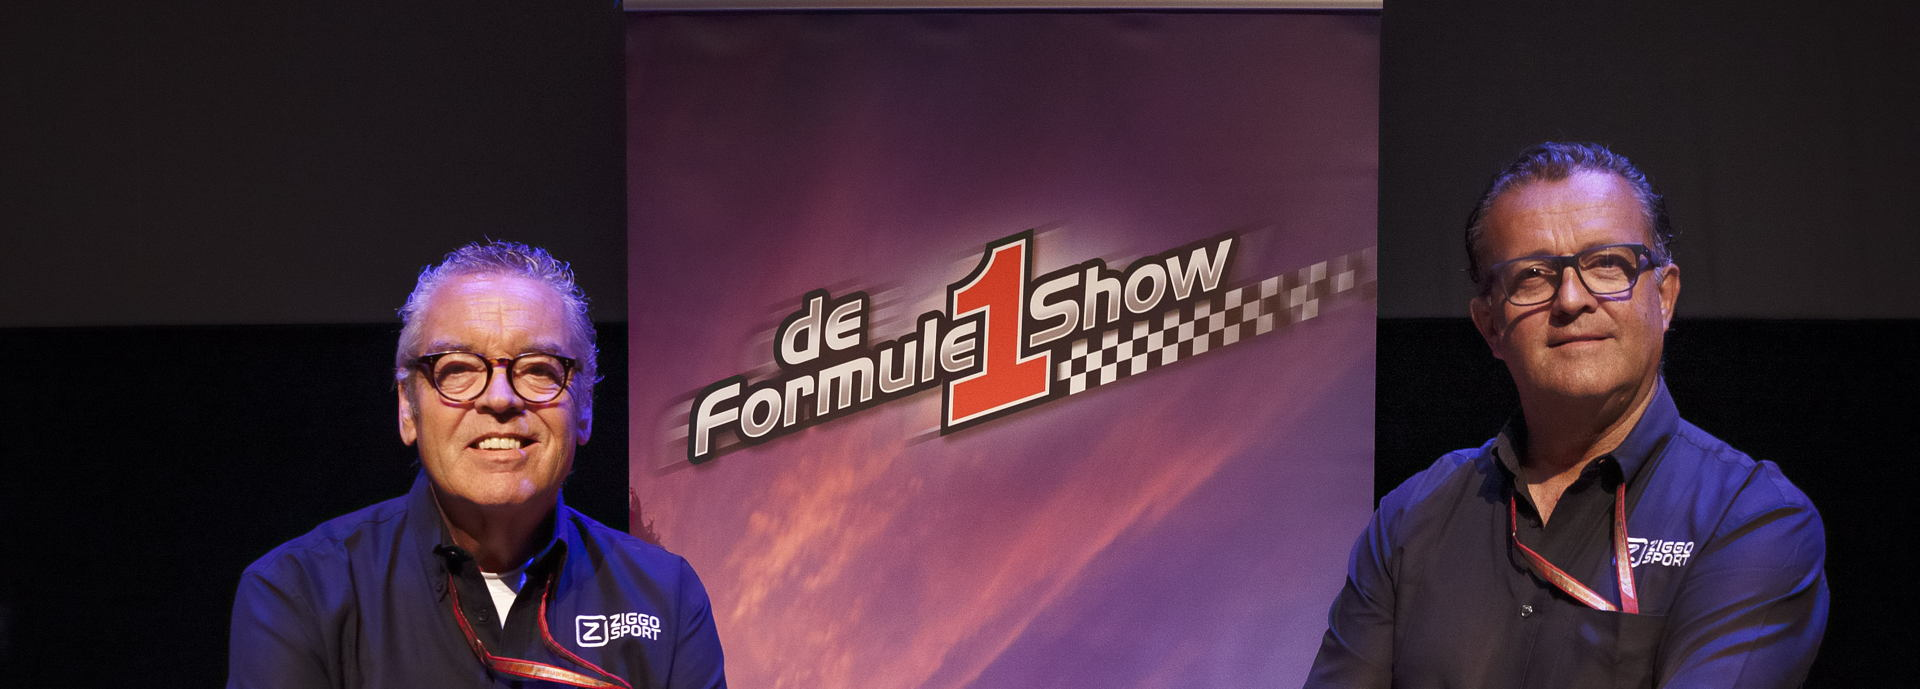 In 2021 komt de Formule 1 Show naar De Tamboer